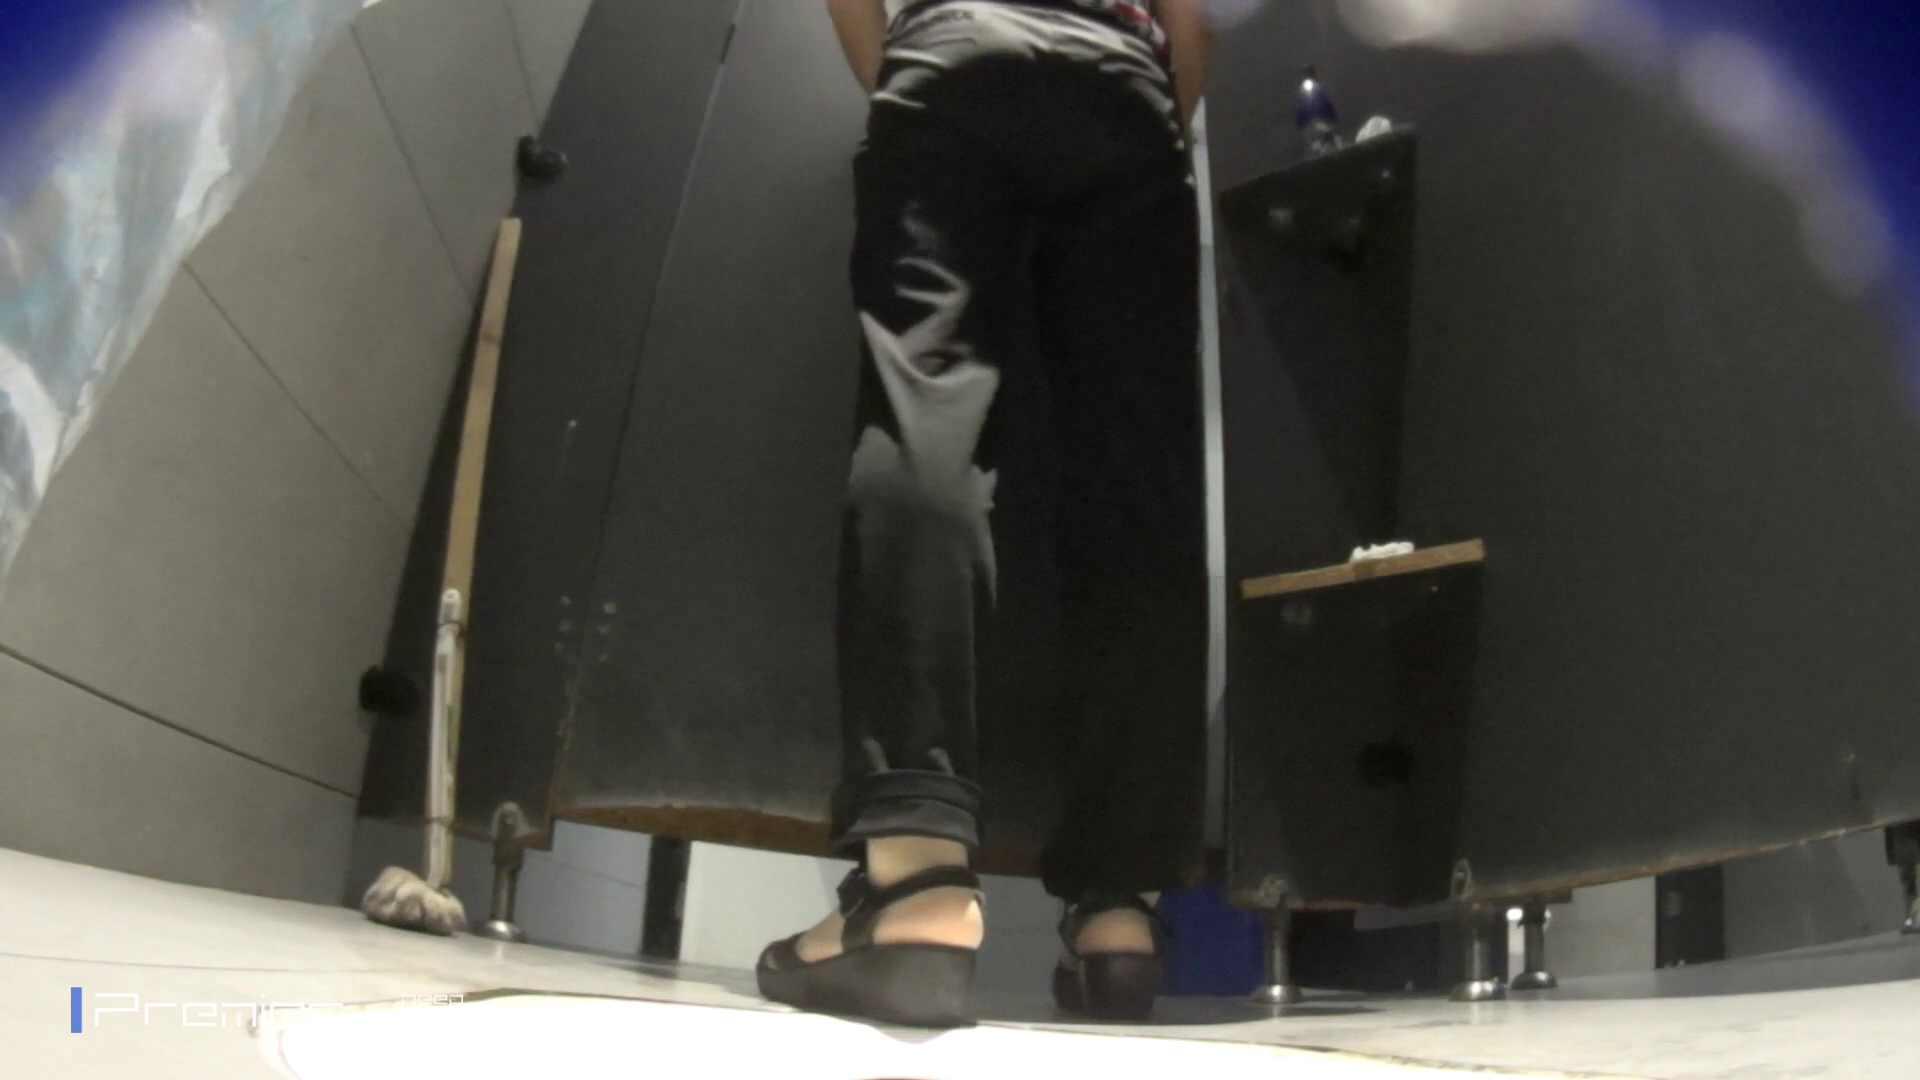 ショートカット黒髪お女市さん 大学休憩時間の洗面所事情61 高評価 オマンコ動画キャプチャ 48画像 21